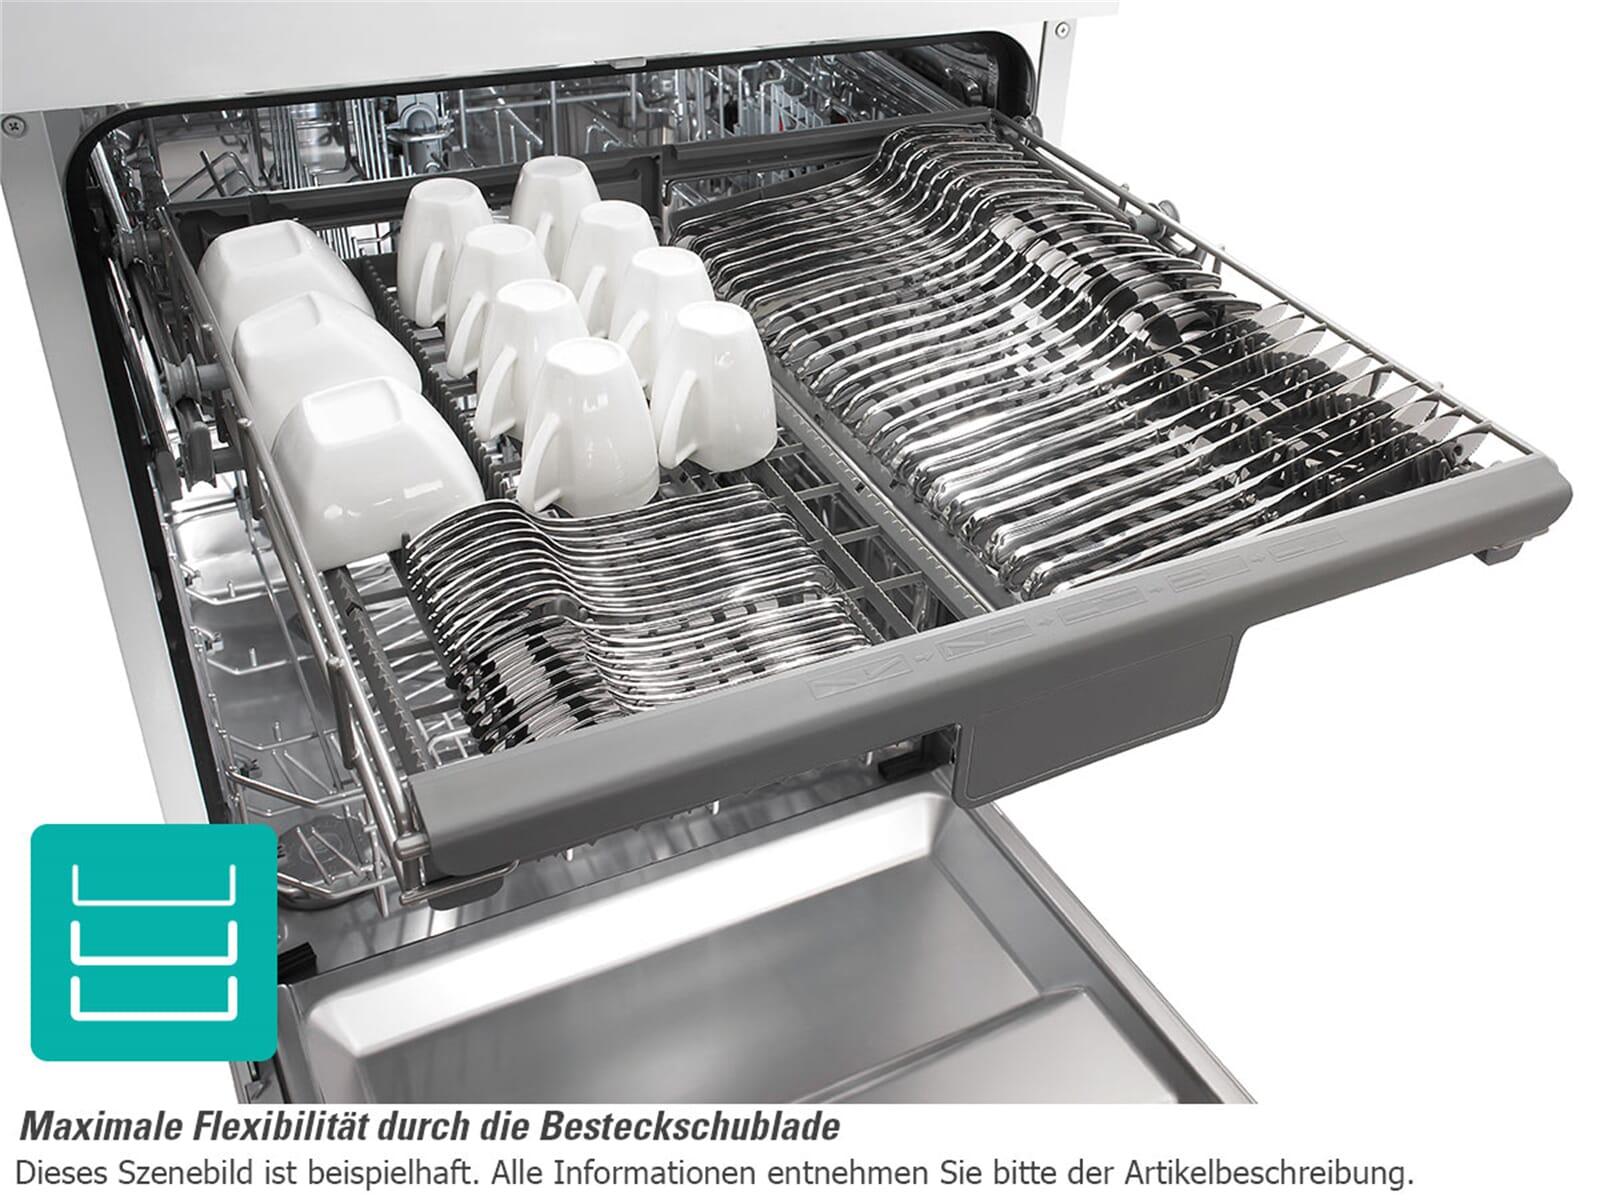 Gorenje gv 66160 vollintegrierbarer einbau geschirrspuler for Spülmaschine gorenje